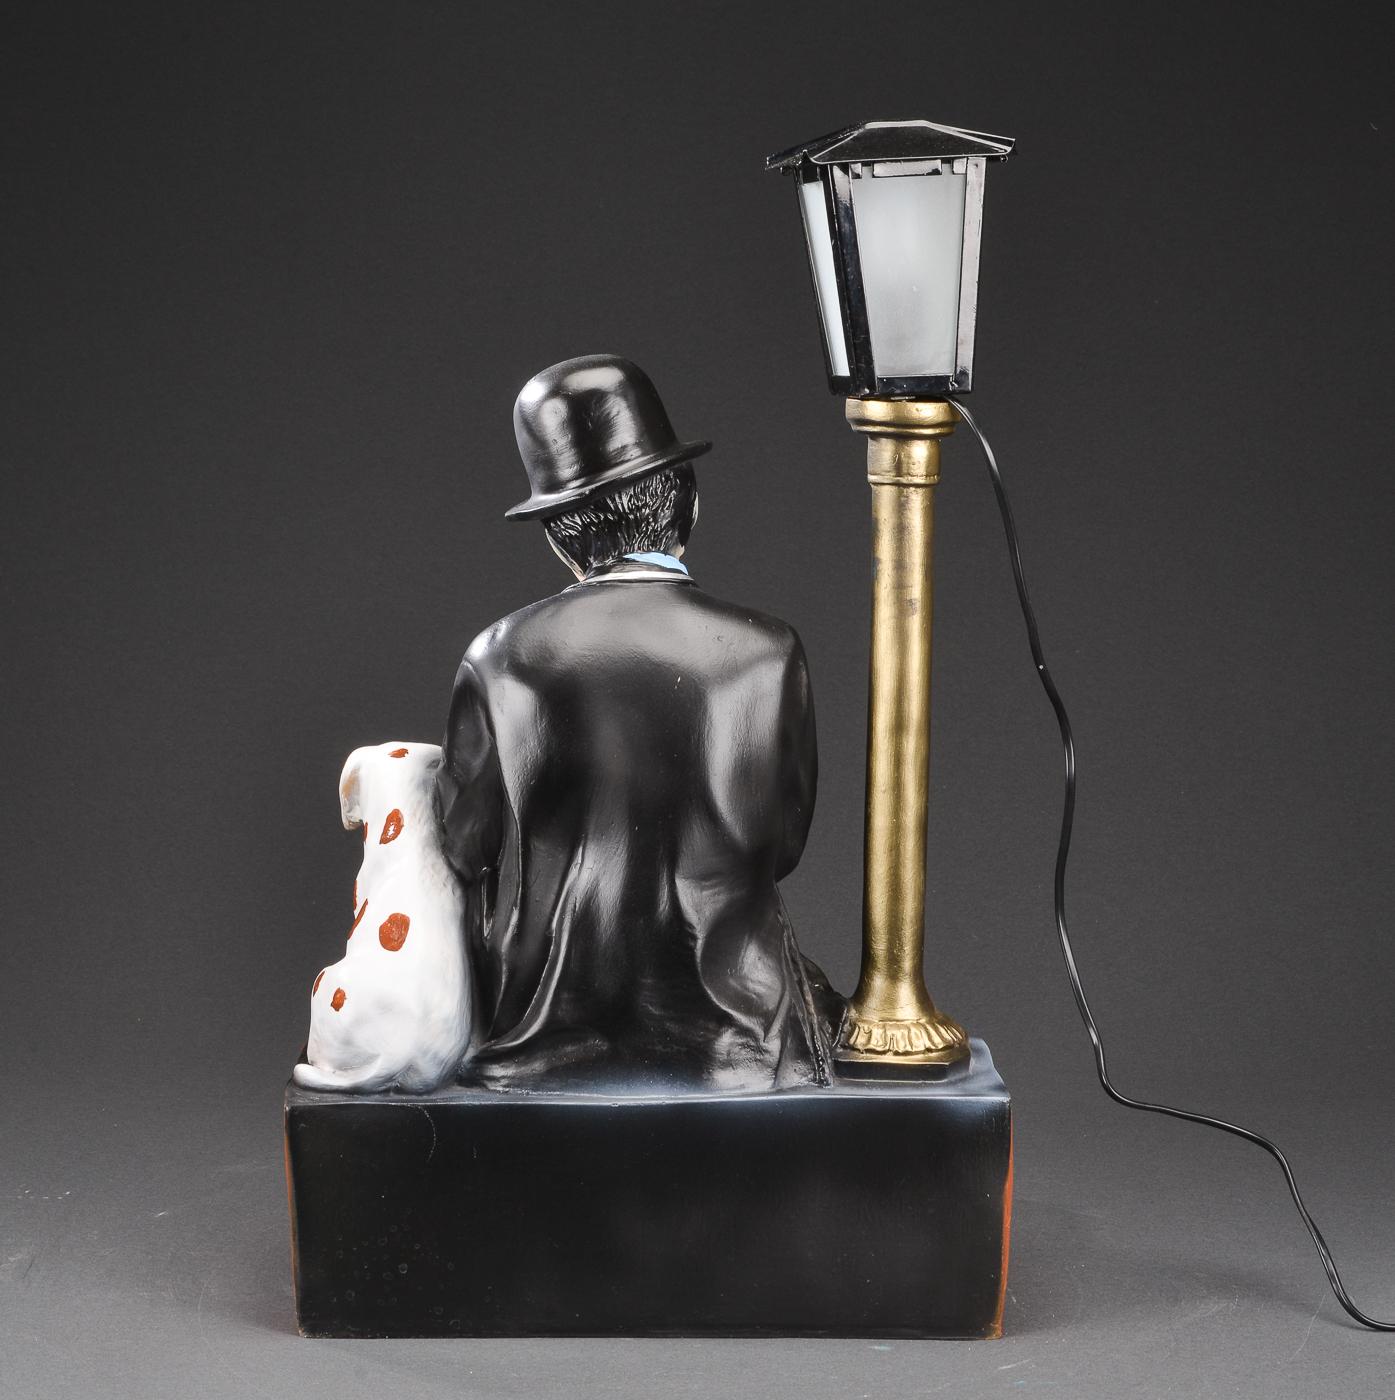 chaplin lamper